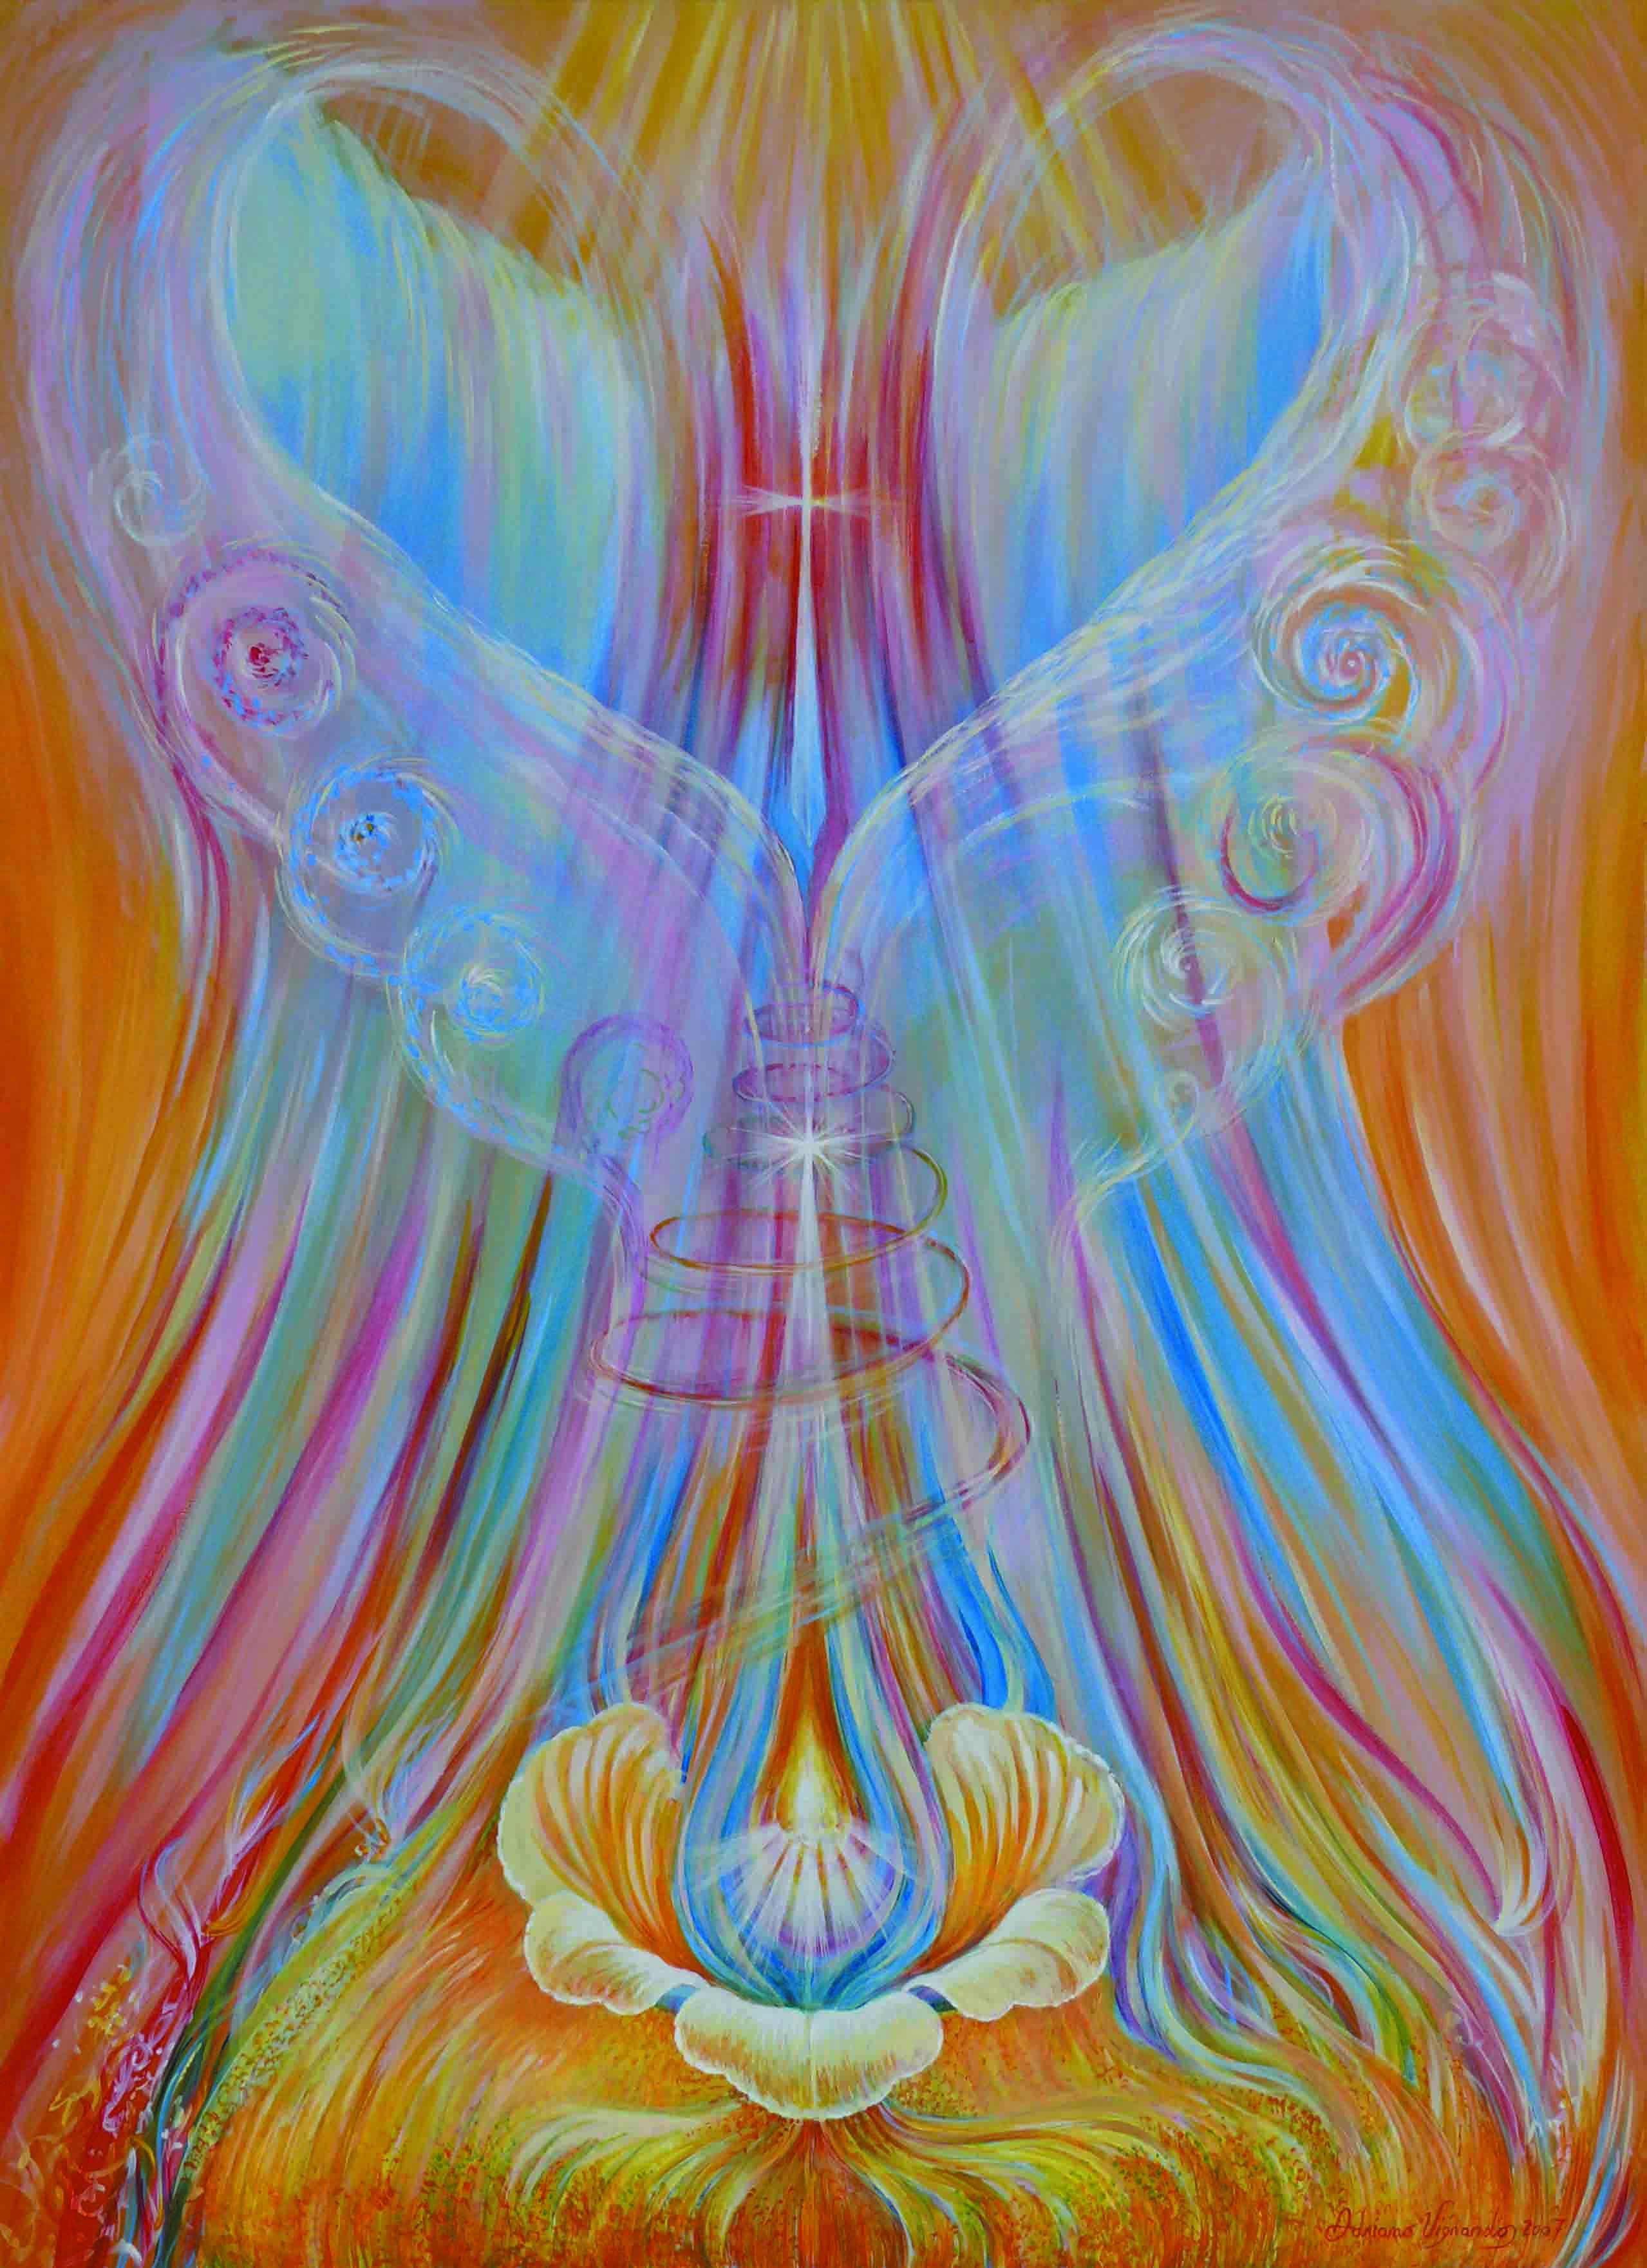 Ispirazione angelica